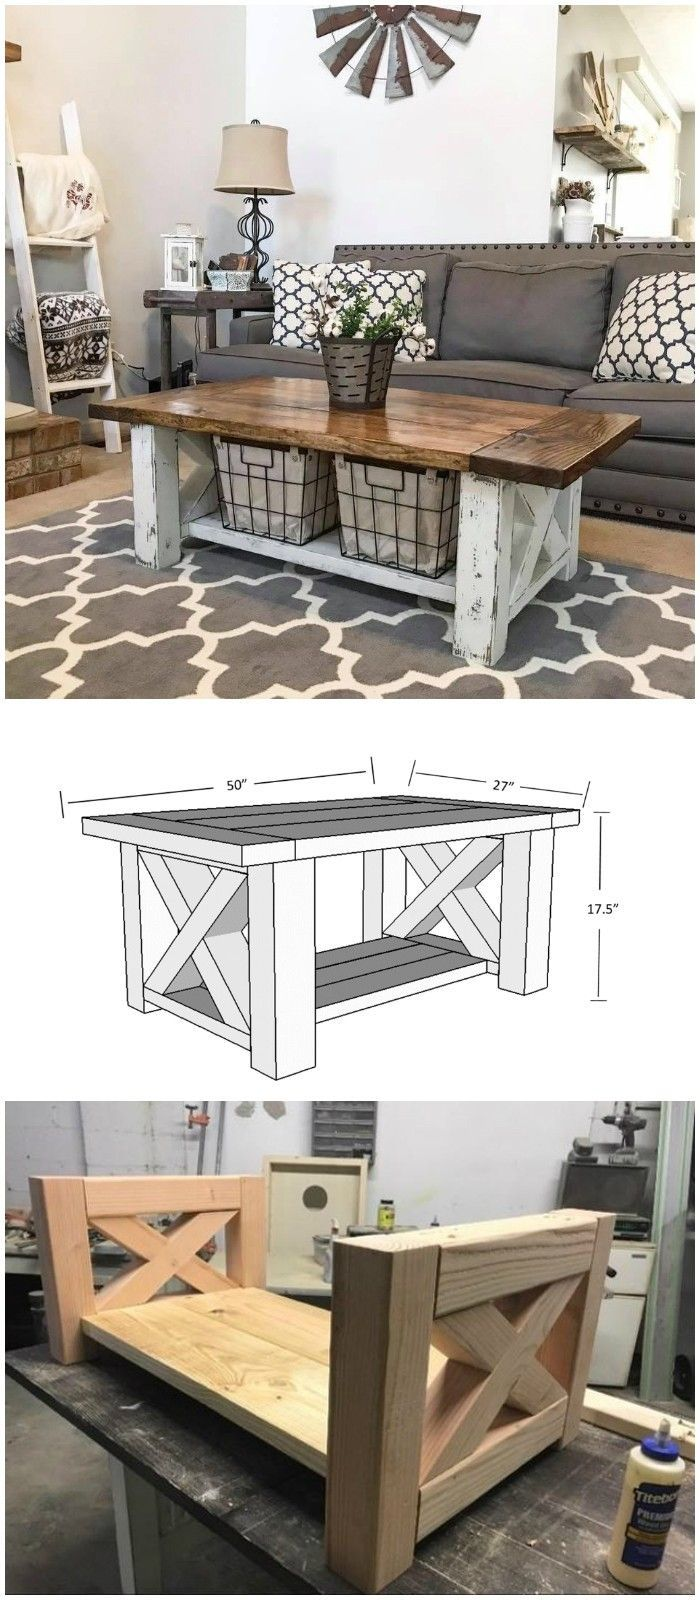 DIY Bauernhaus Couchtisch Ideen von niedlichen Würfel zu industriellen Holzspulen. Se … - Dekoration Selber Machen #industrialfarmhouse